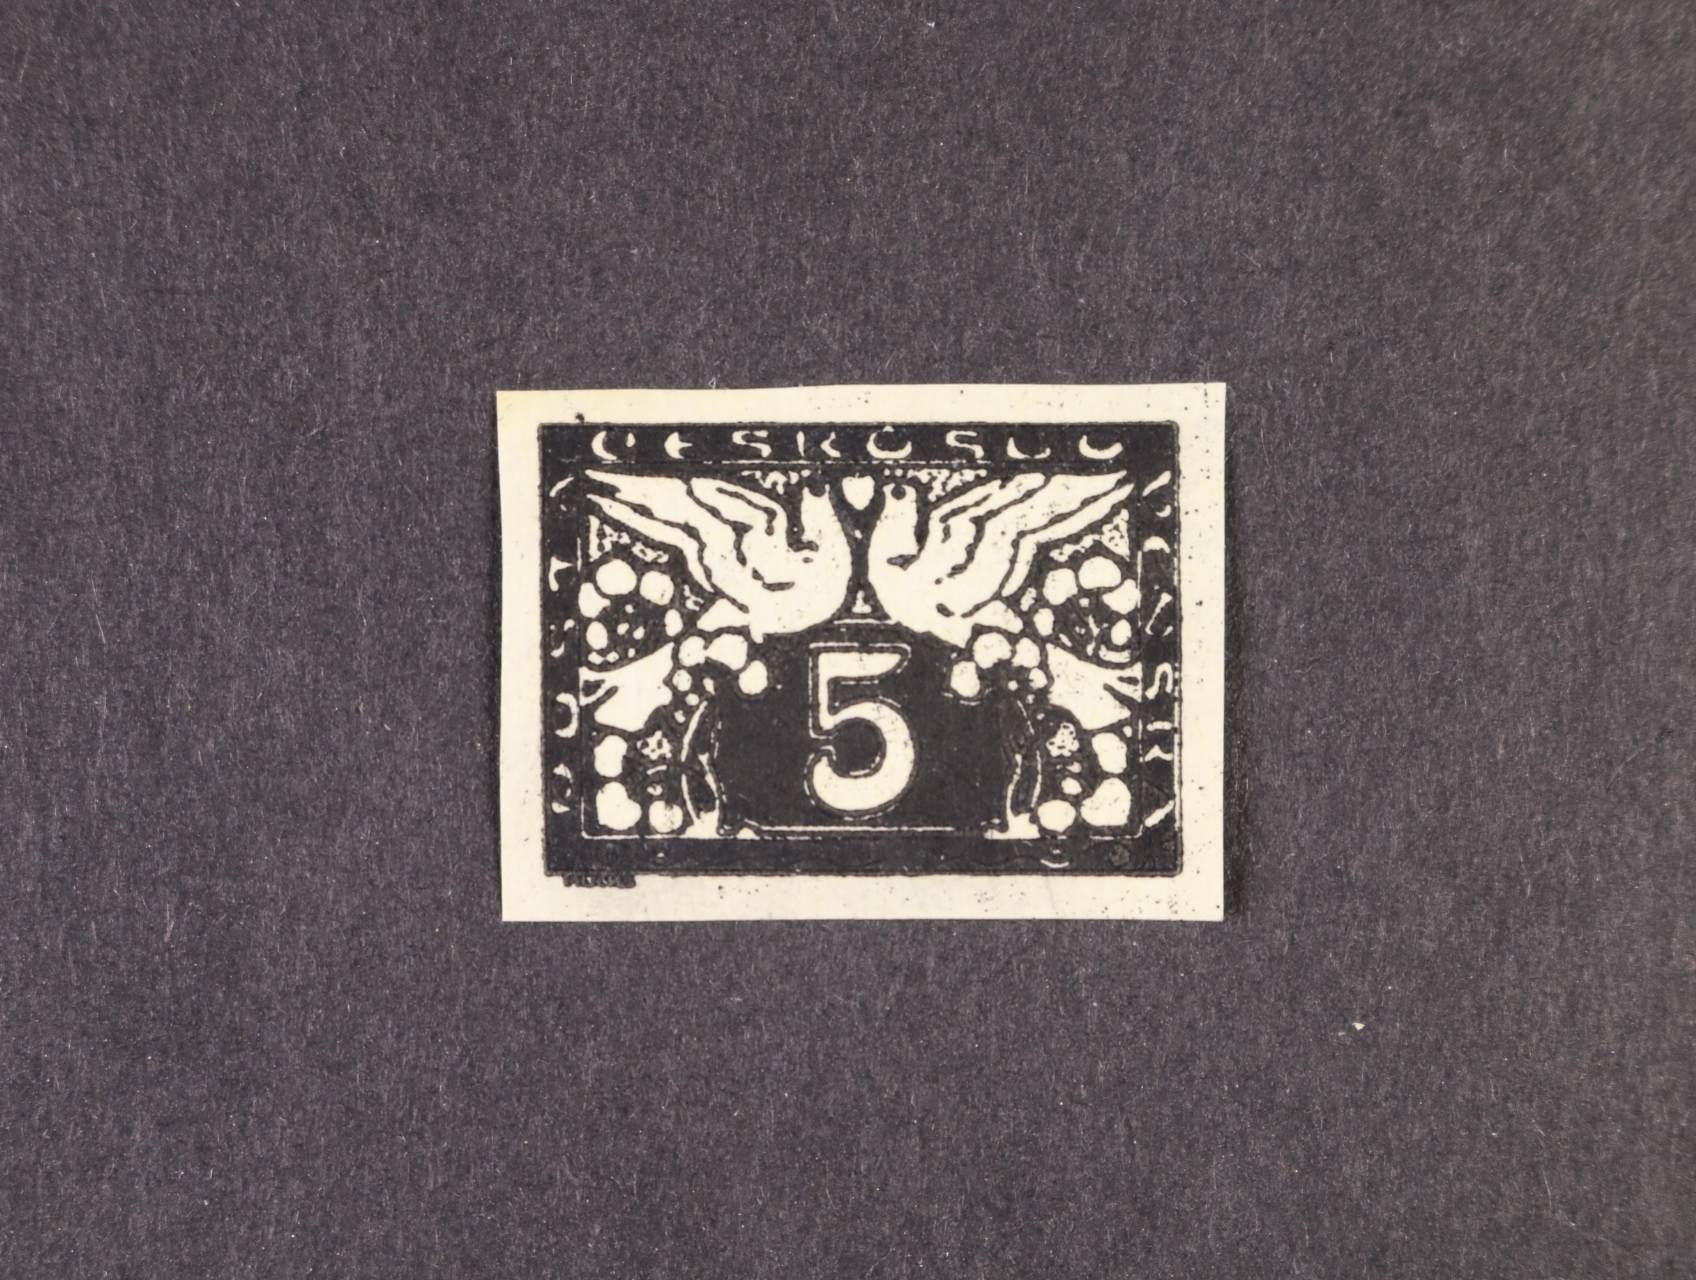 ZT S č. 2  5h v černé barvě na známkovém papíře, zk. Gilbert